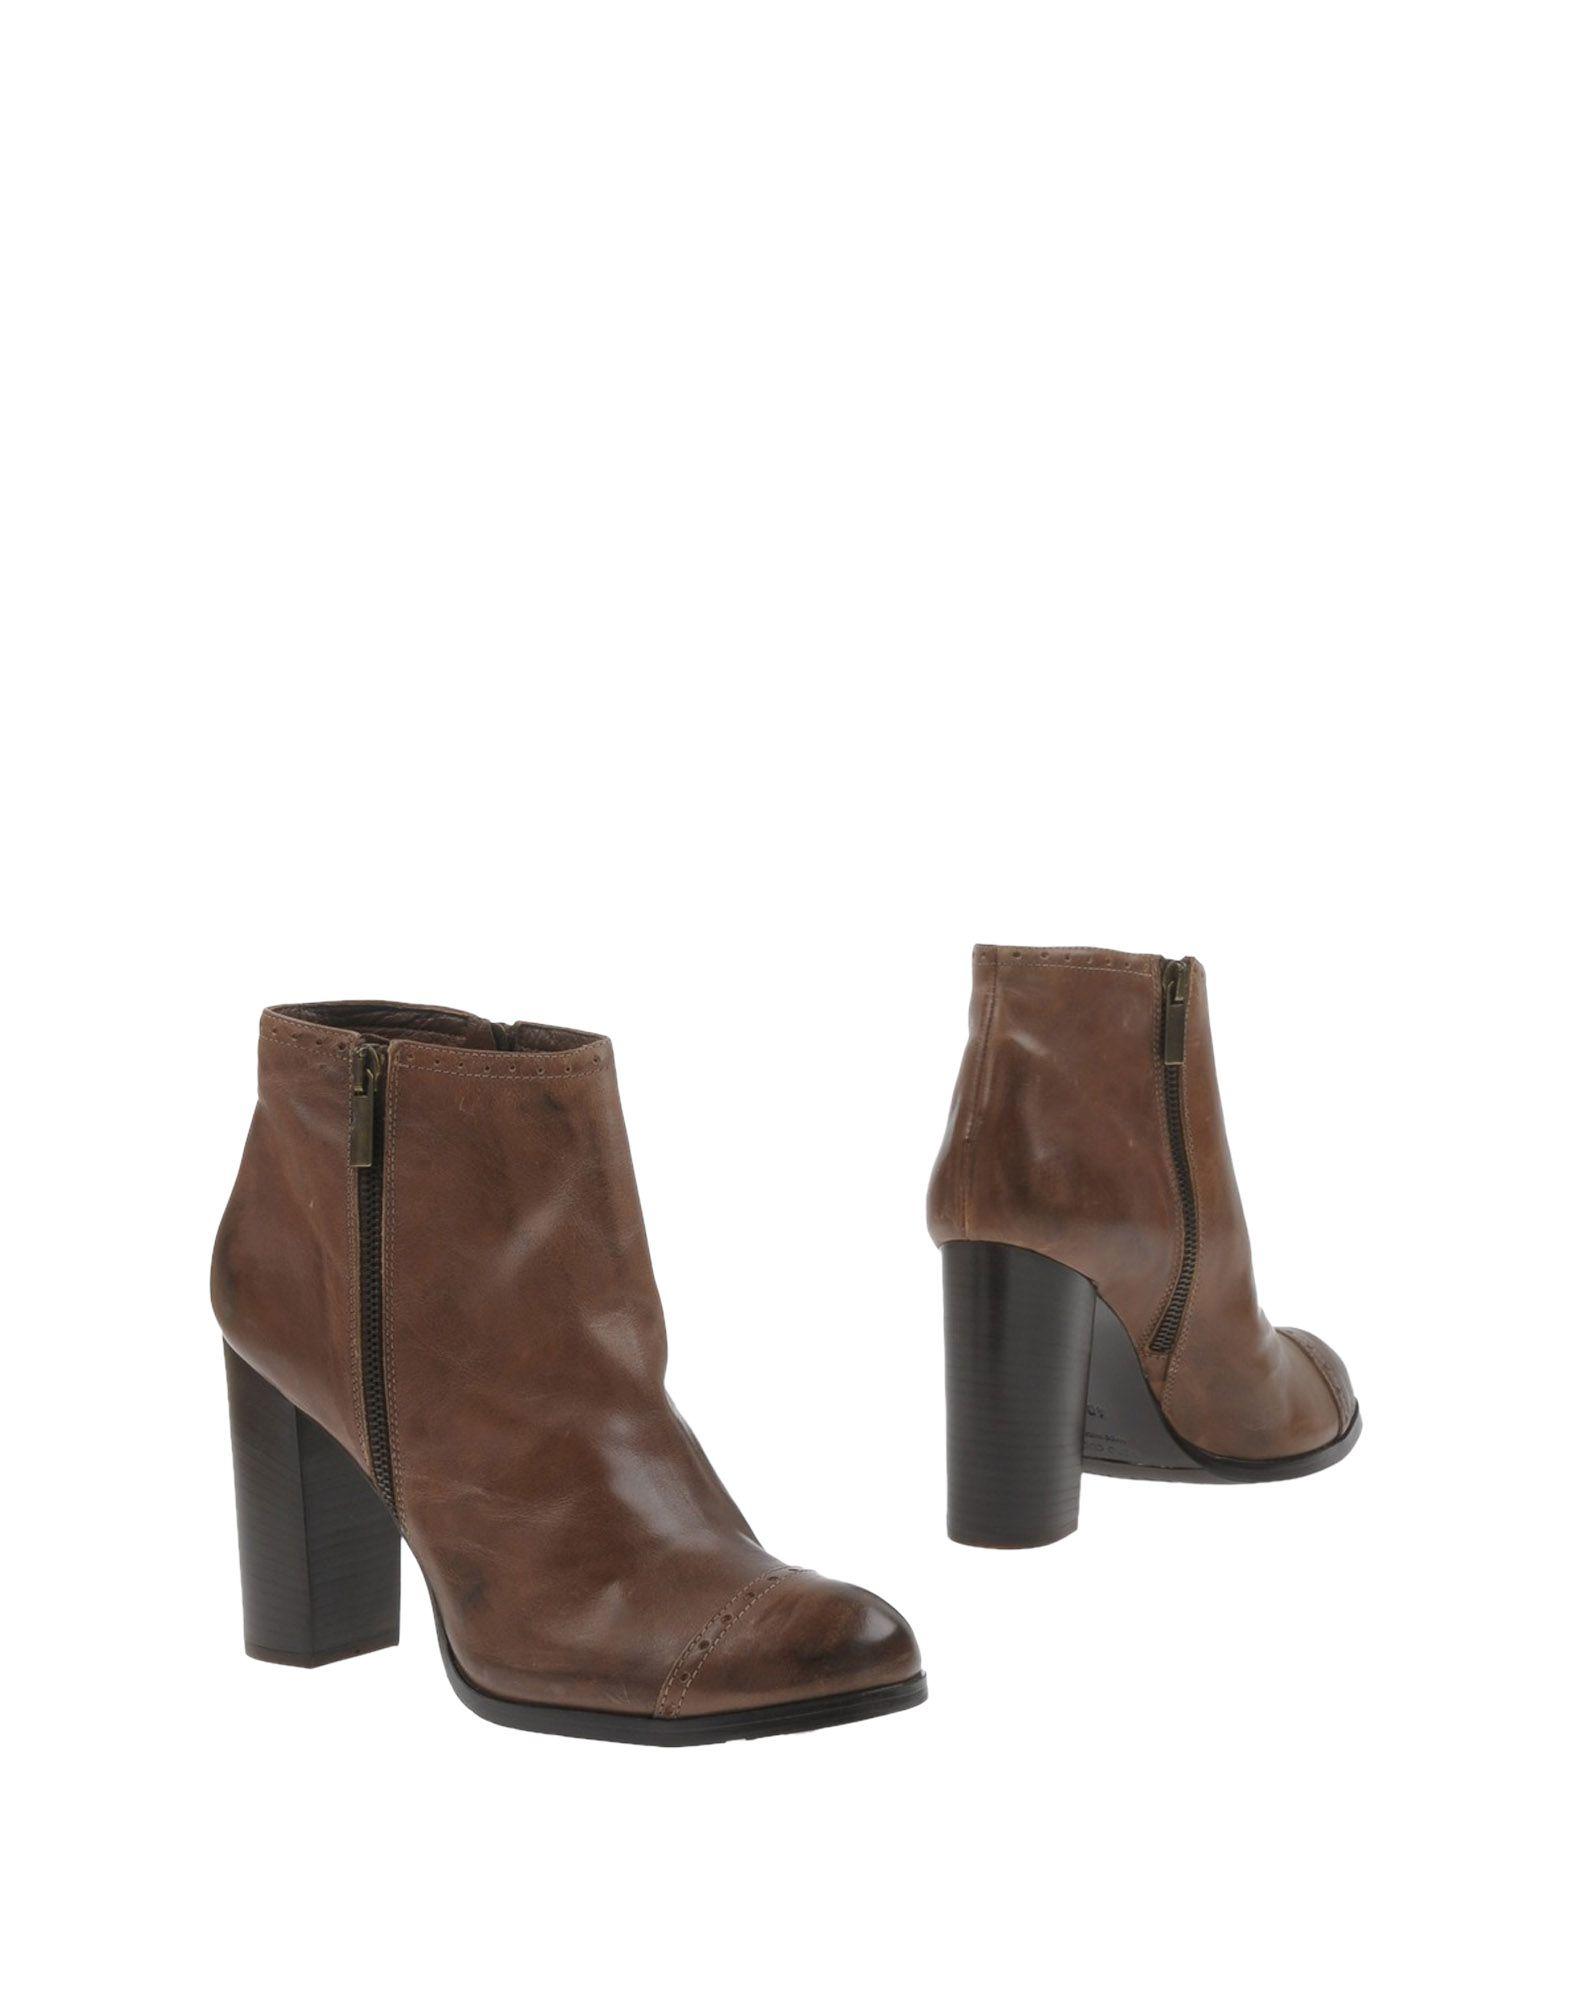 цены на YOSH COLLECTION Полусапоги и высокие ботинки в интернет-магазинах